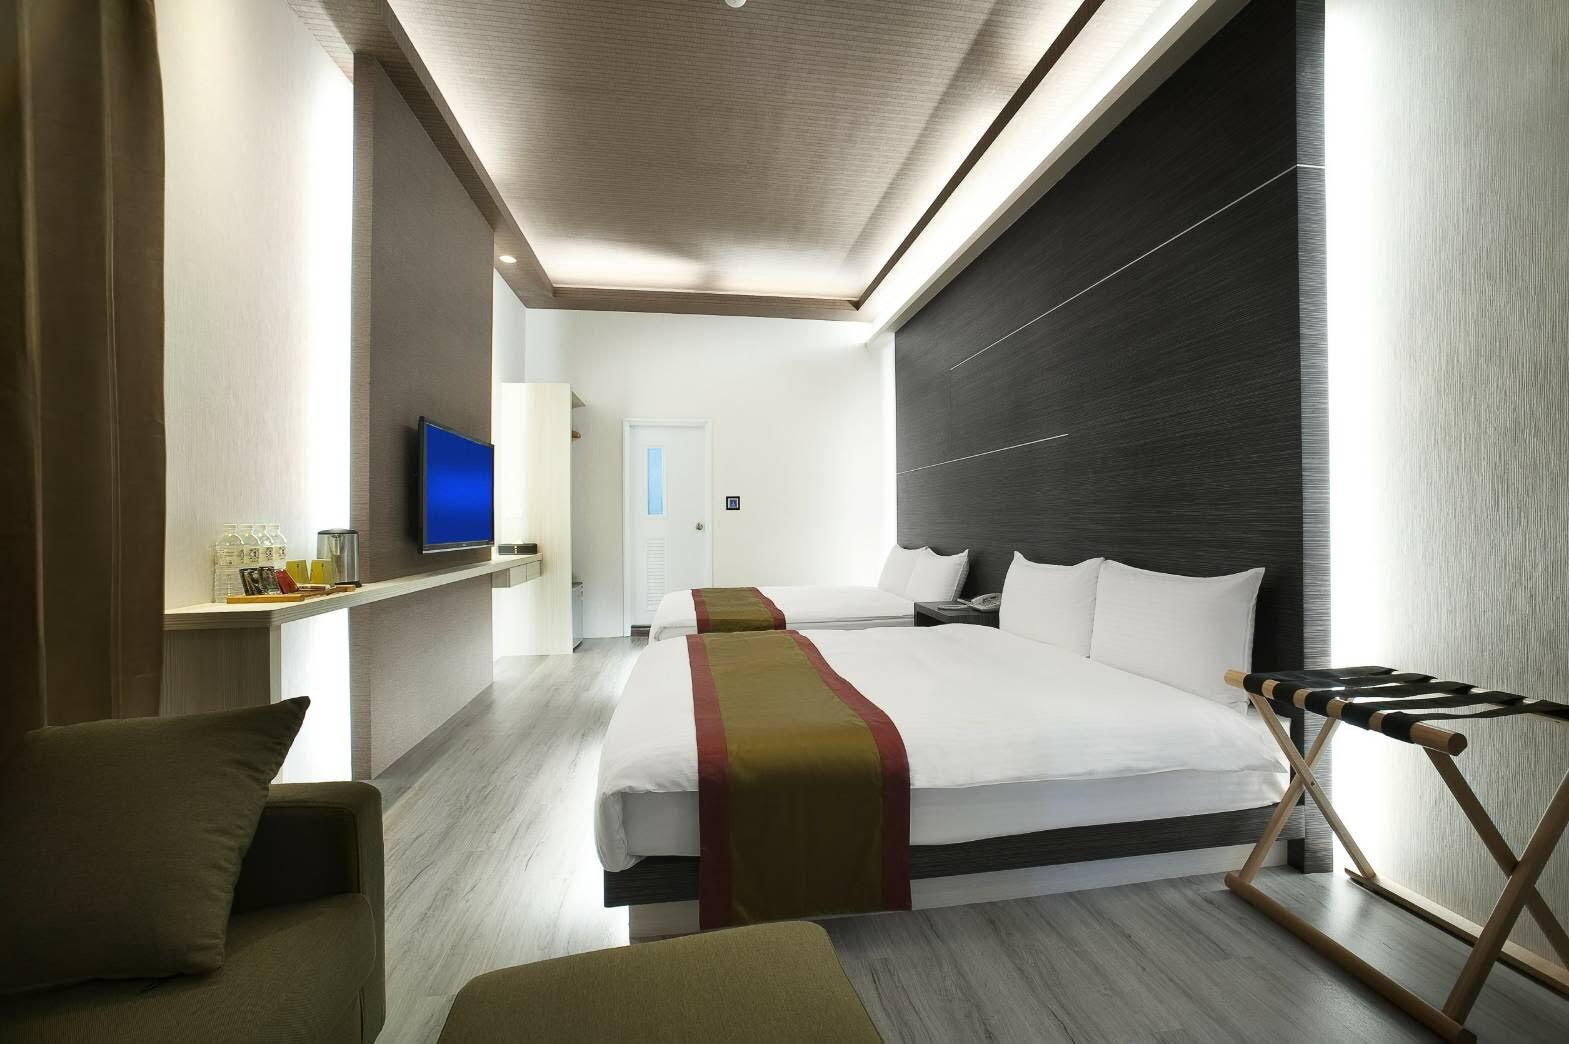 ONE FUKUN HOTEL